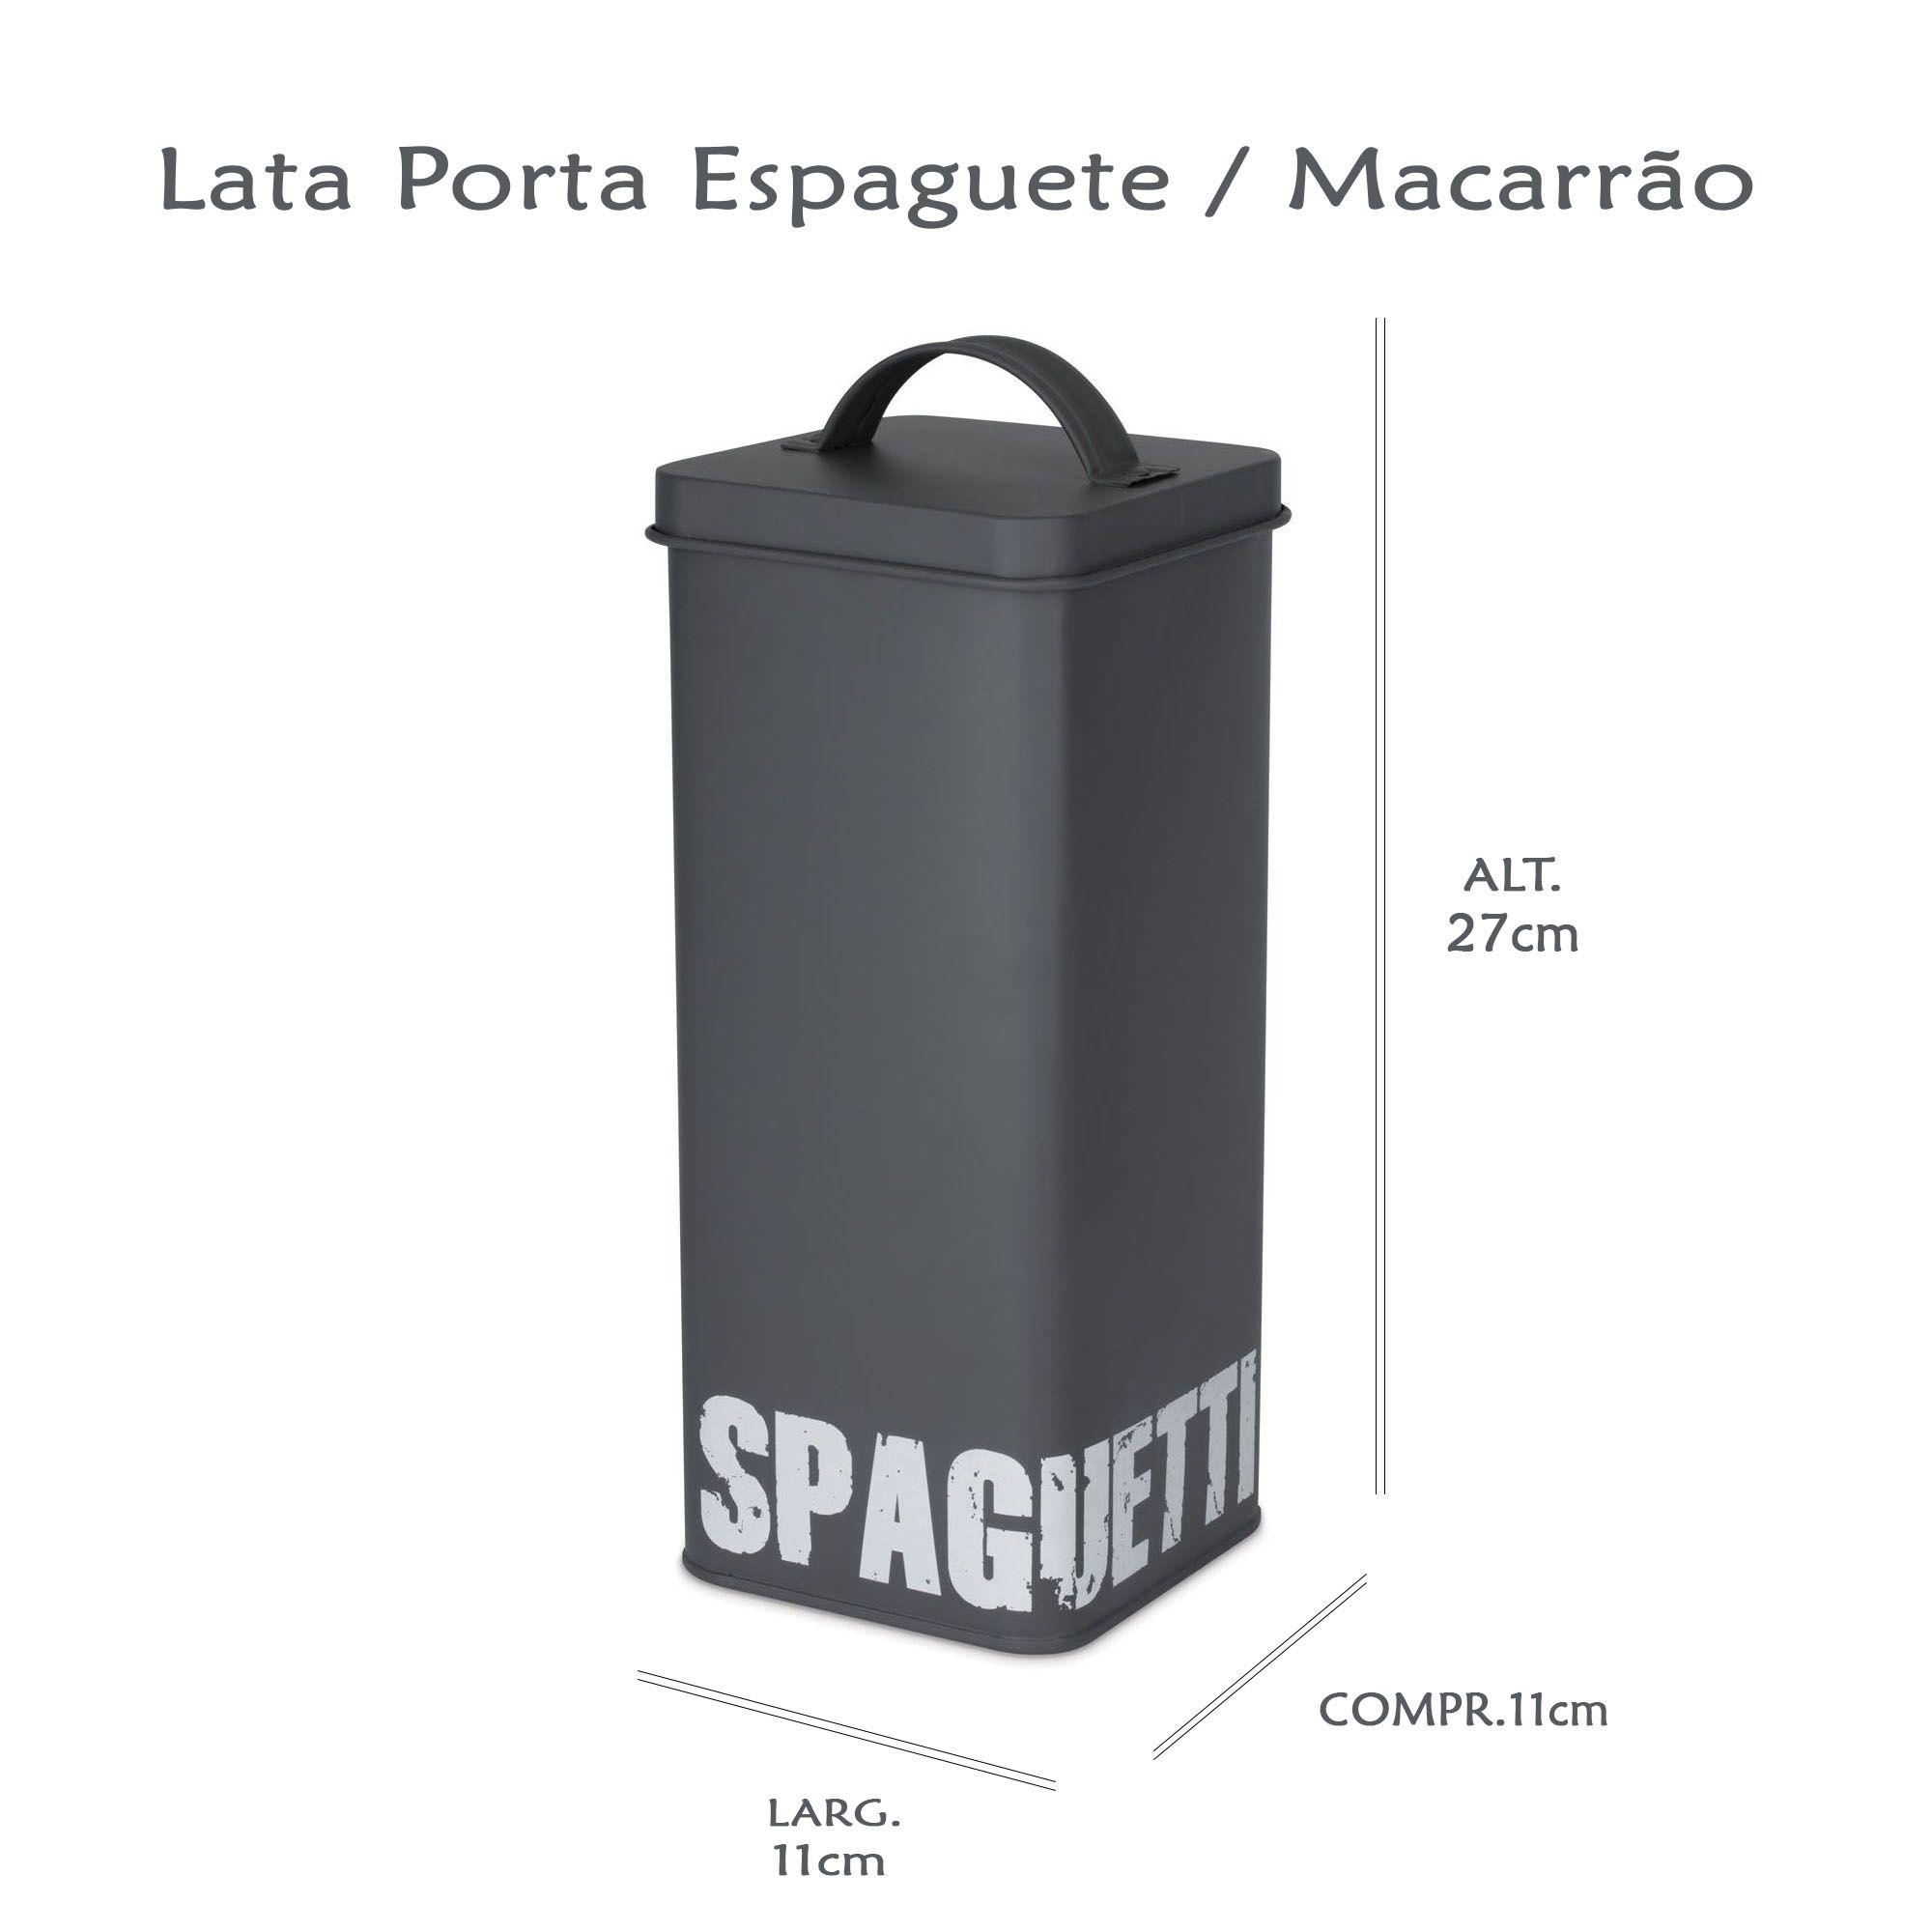 Lata Pota Espaguete Cinza